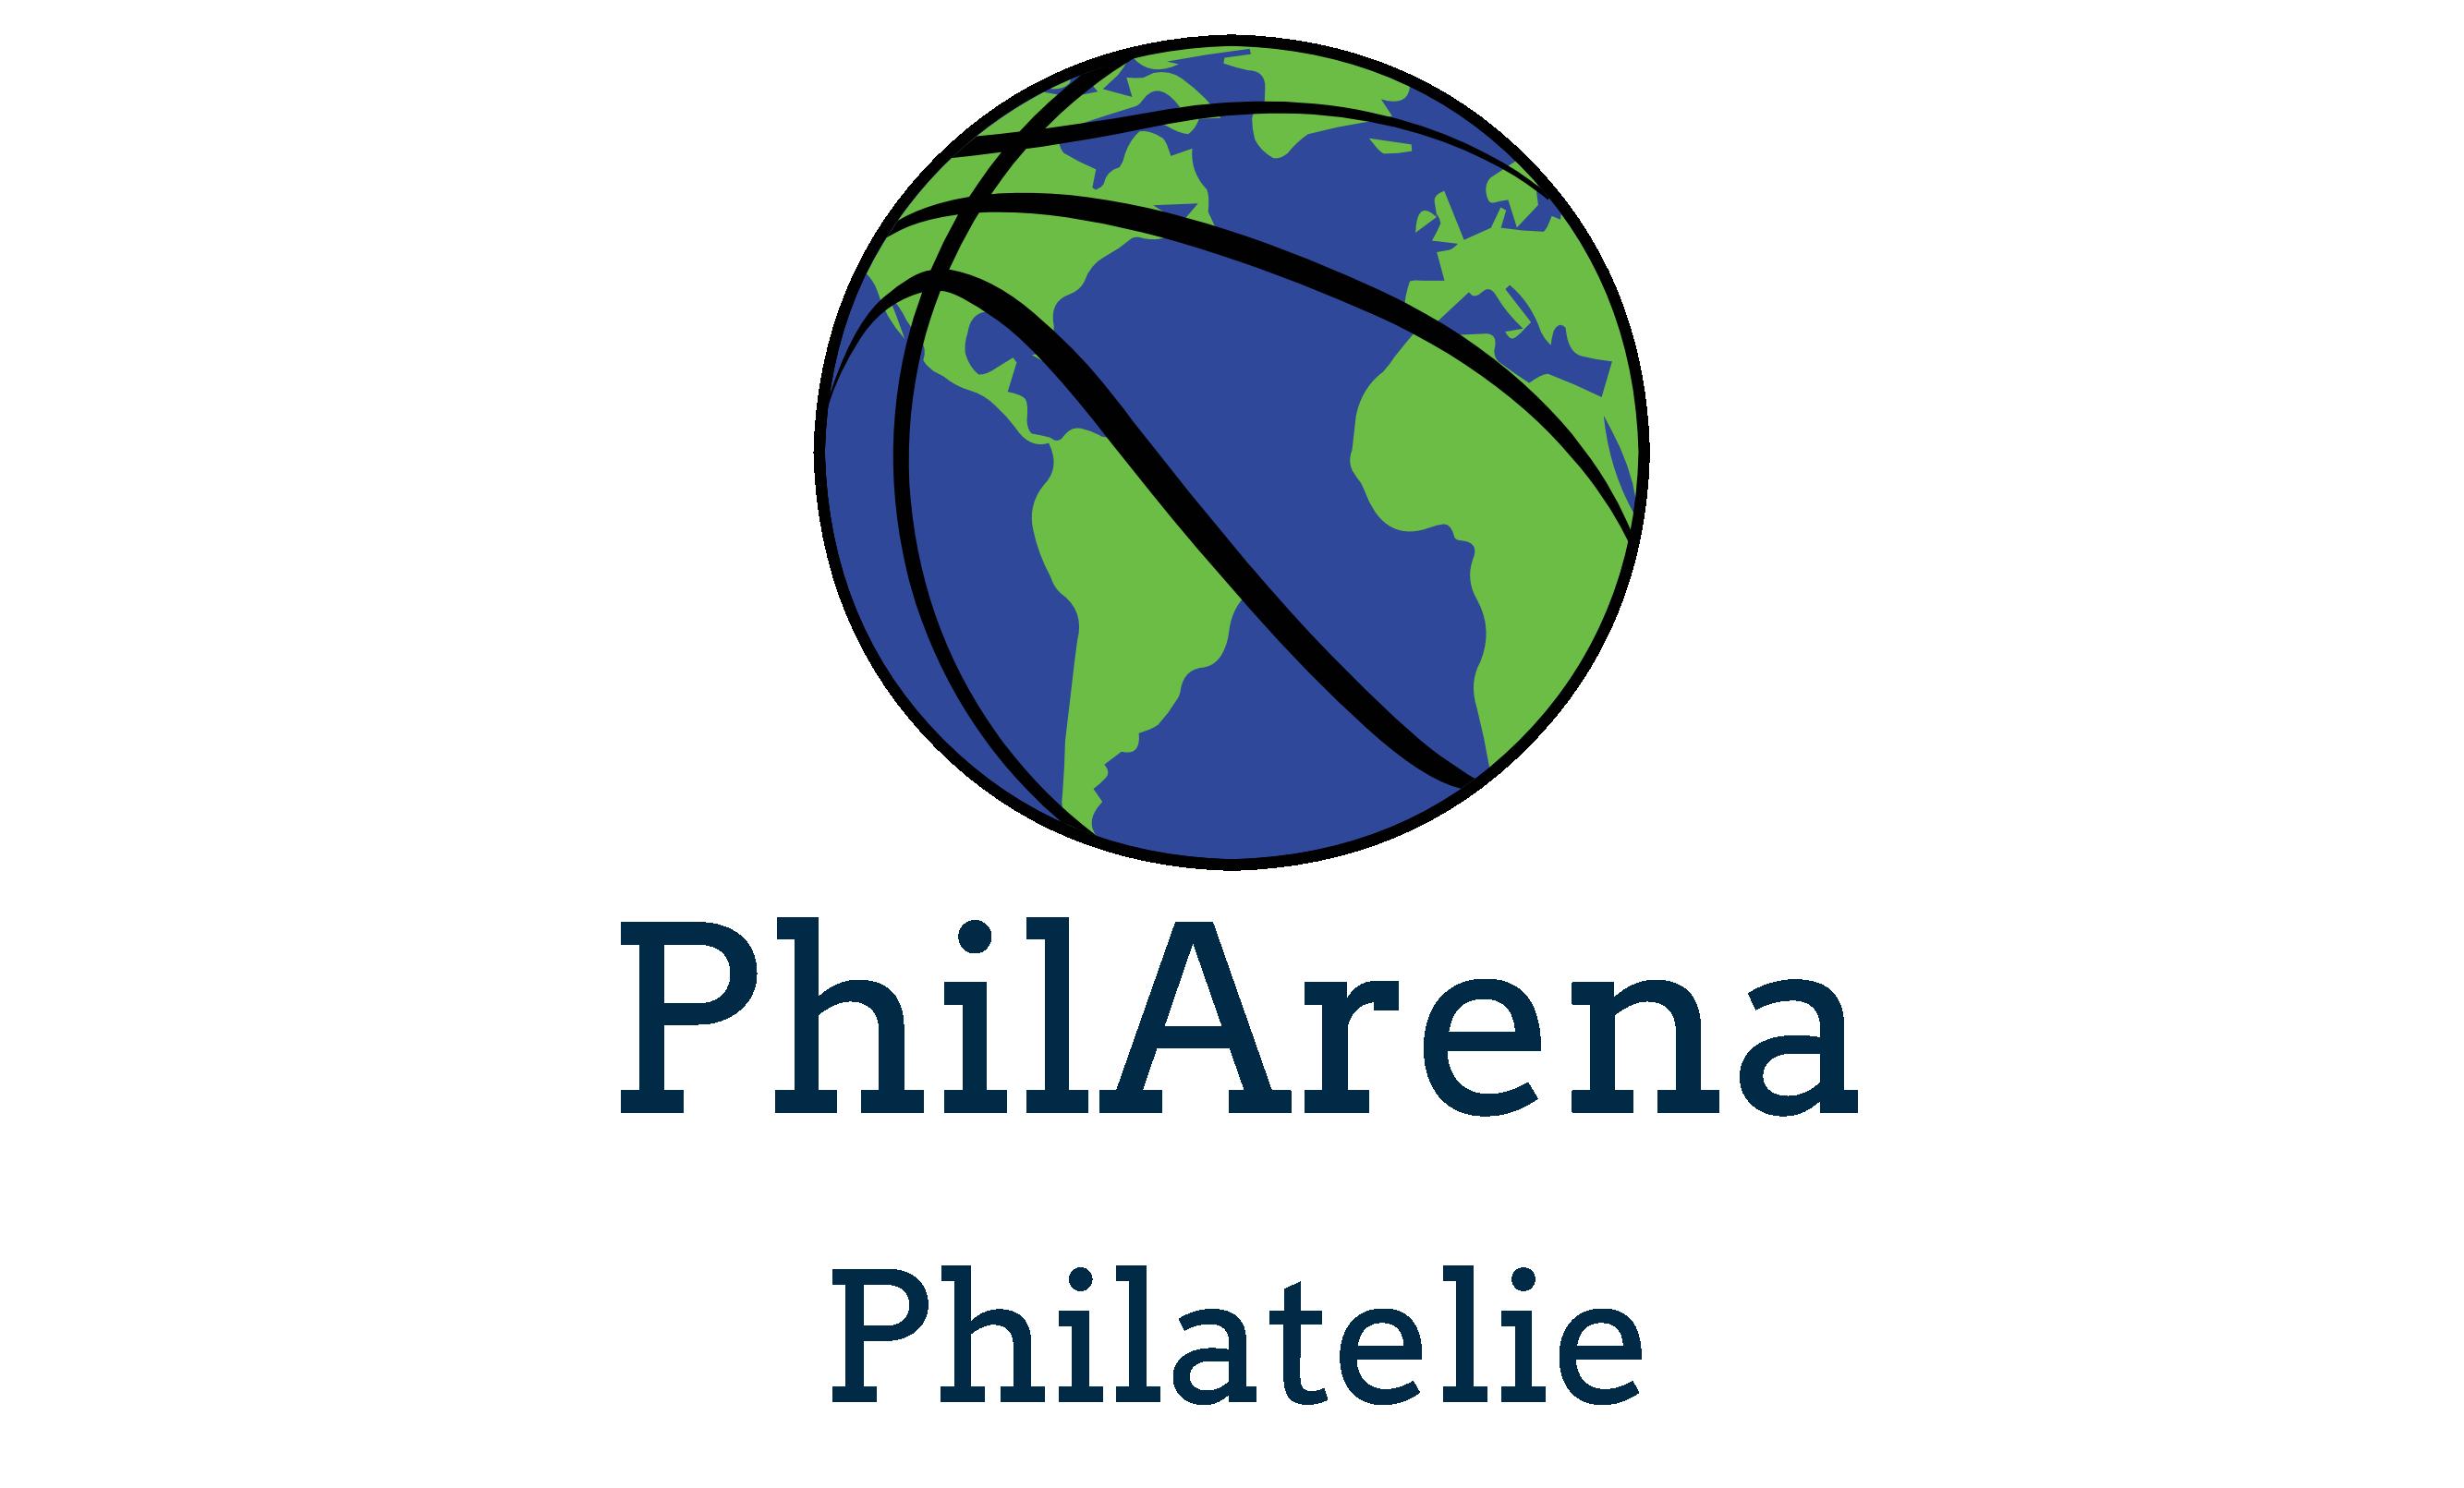 philarena.png